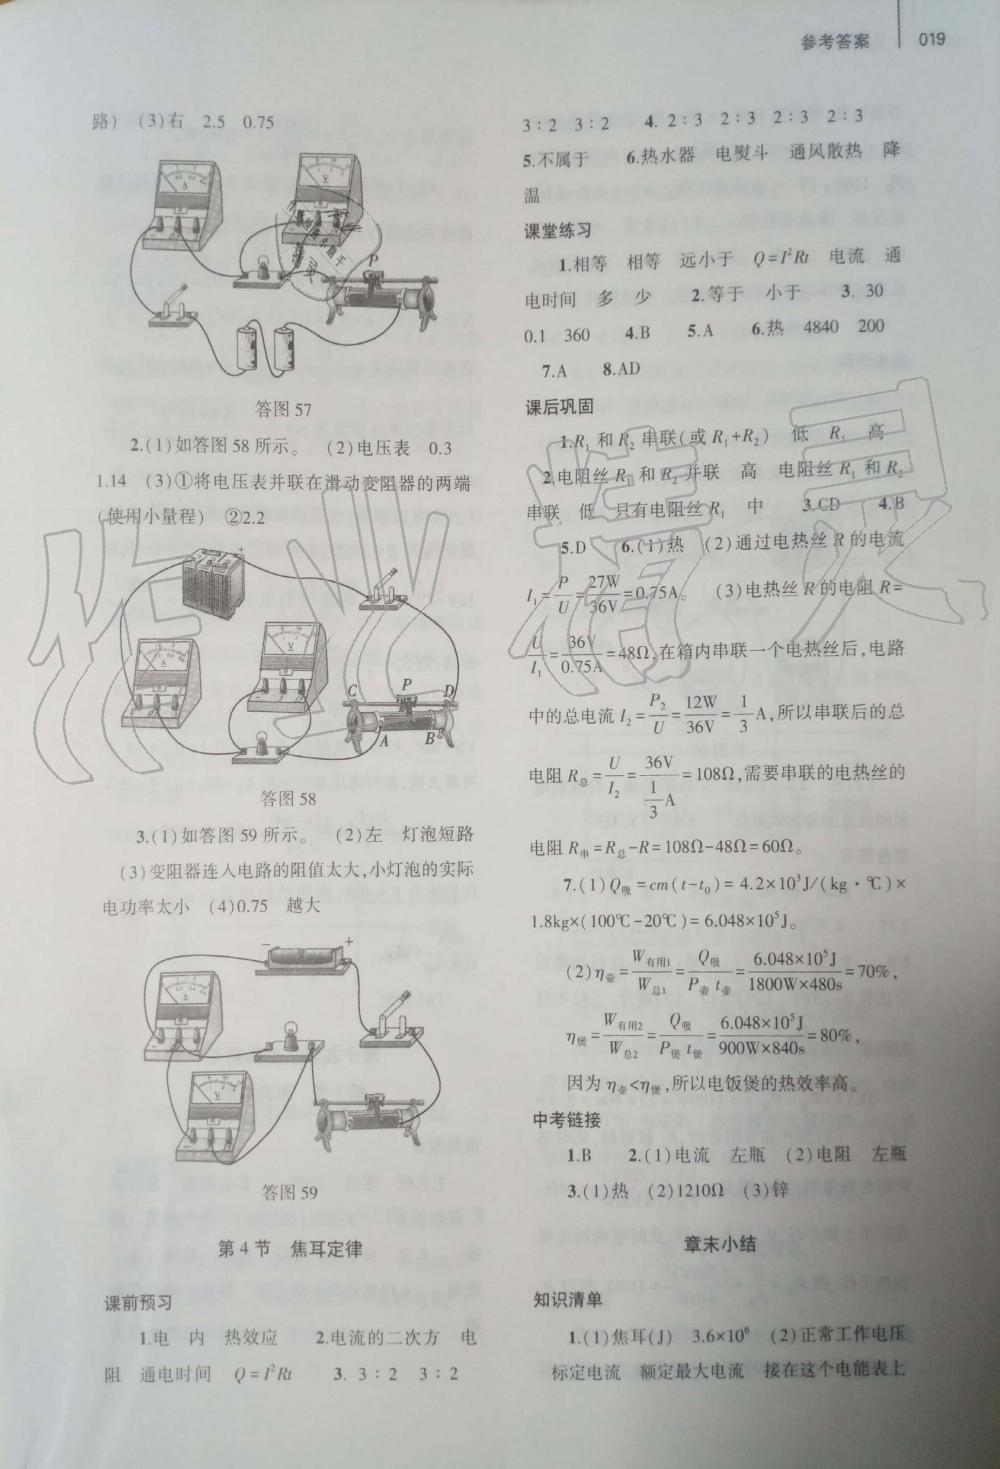 2019年基础训练九年级物理全一册人教版大象出版社第19页